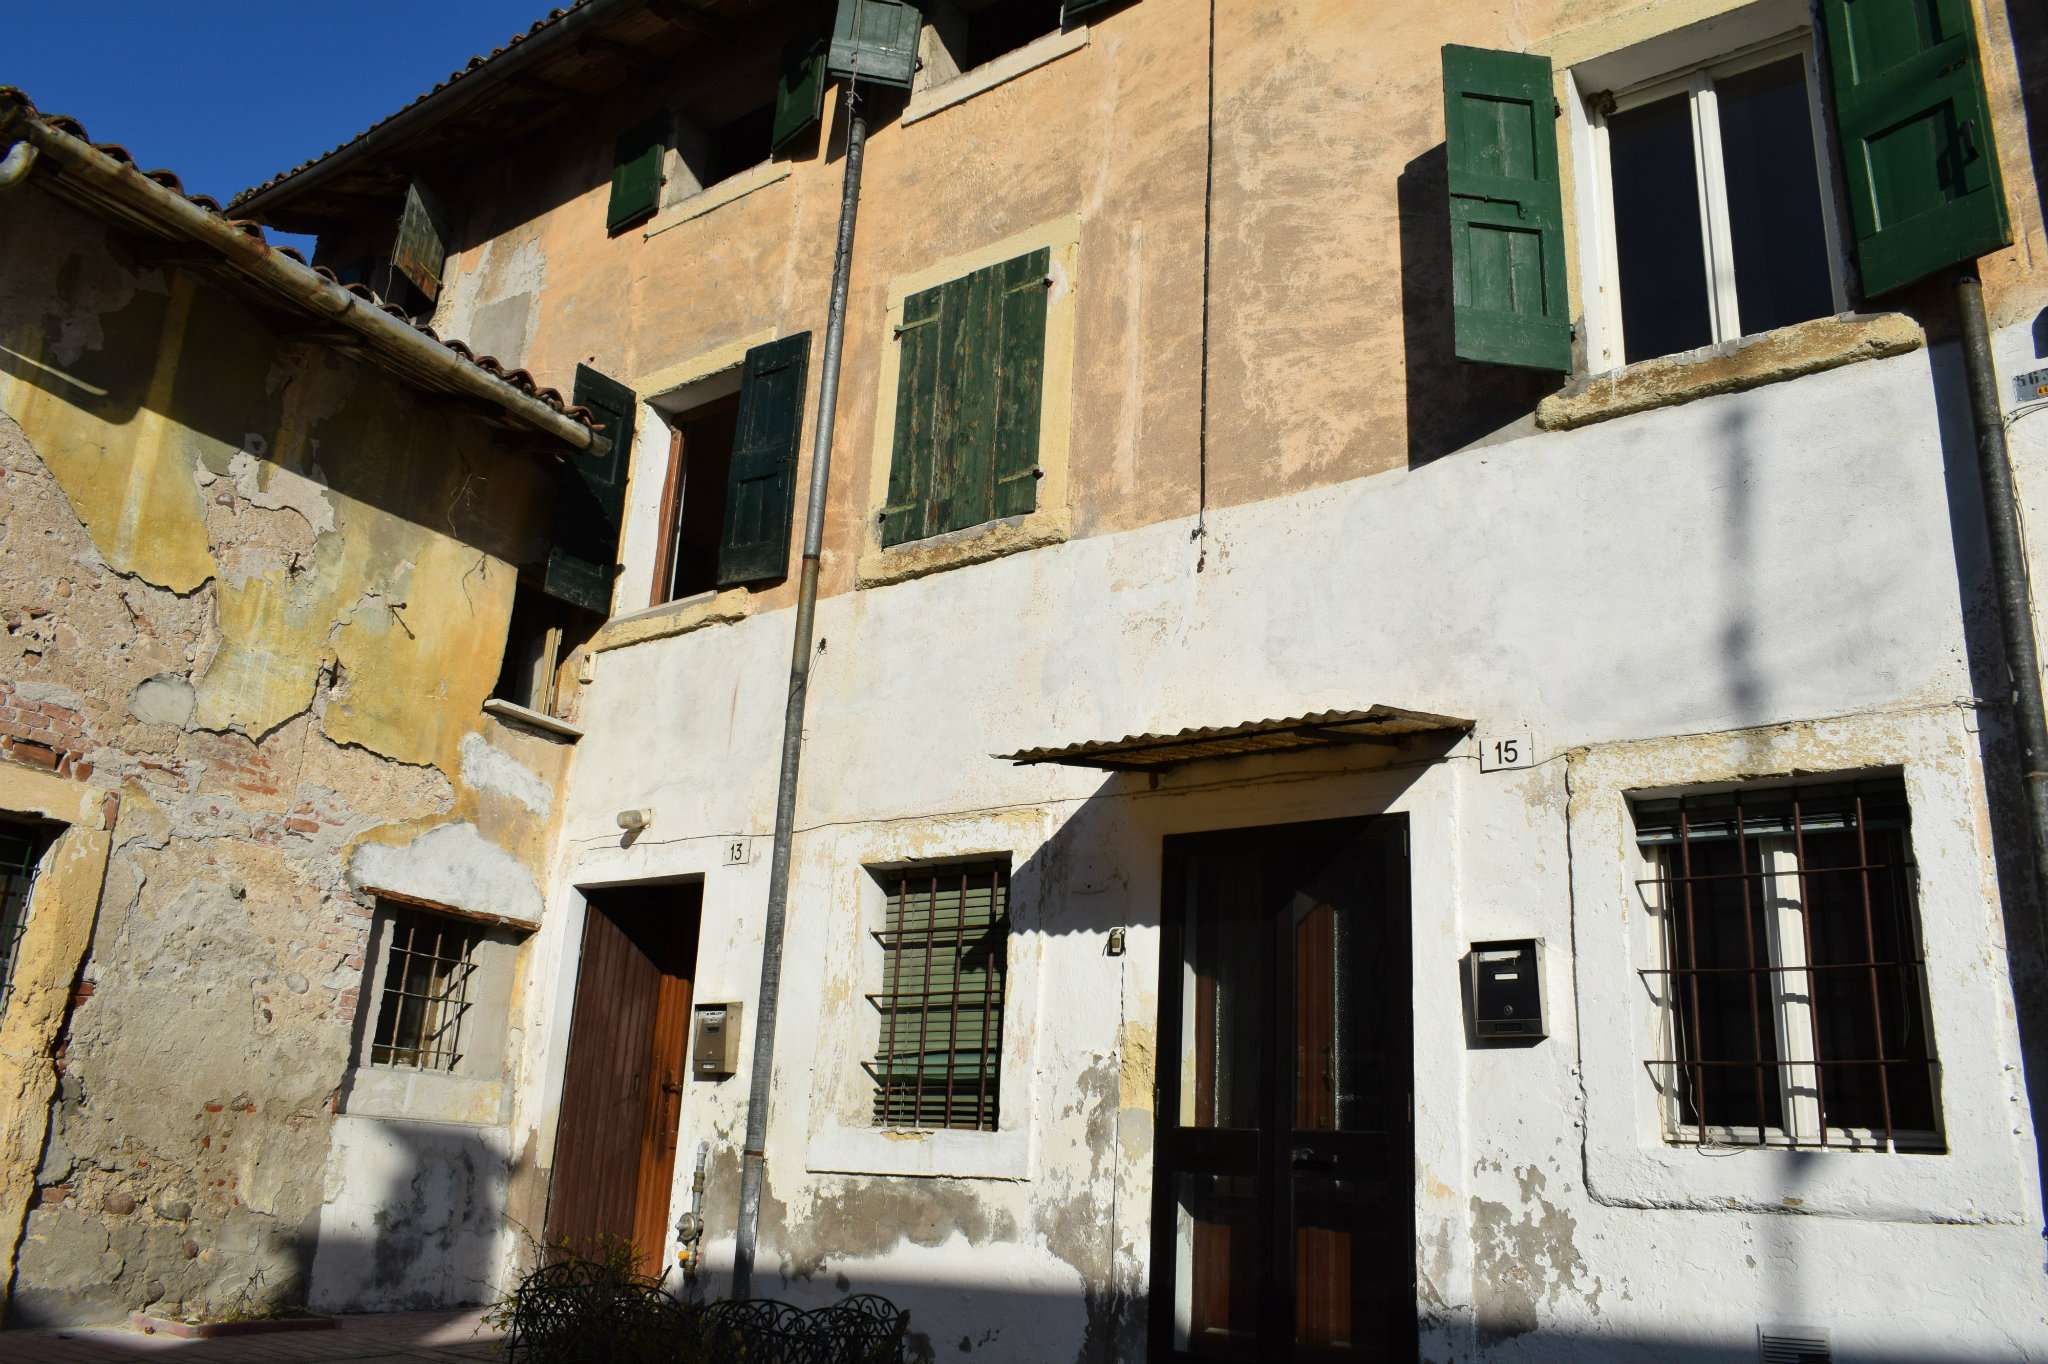 Stabile Intero - Palazzo, Chievo, Vendita - Verona